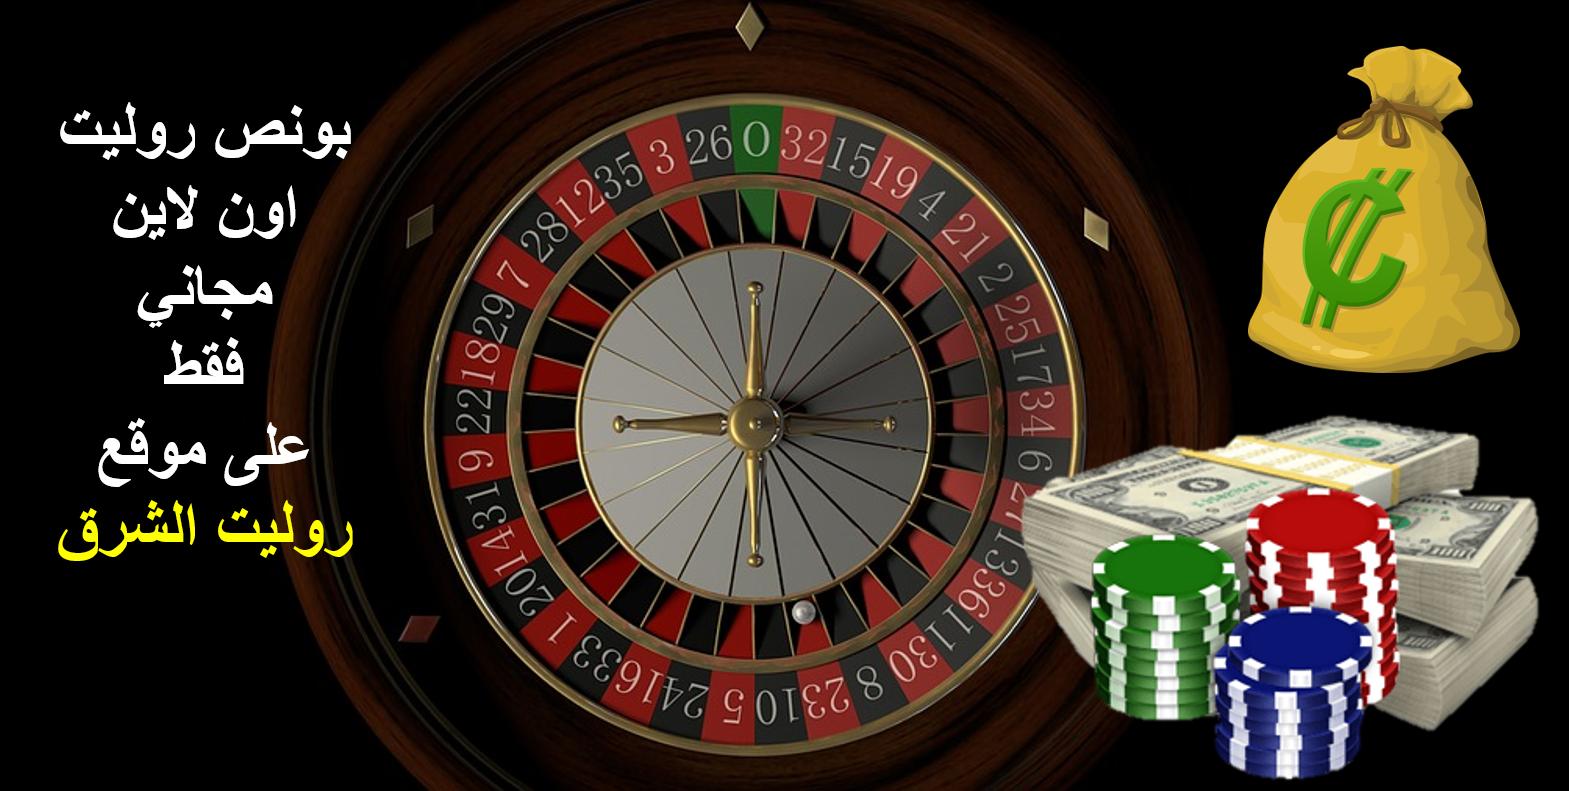 لعبة روليت اون - 85209